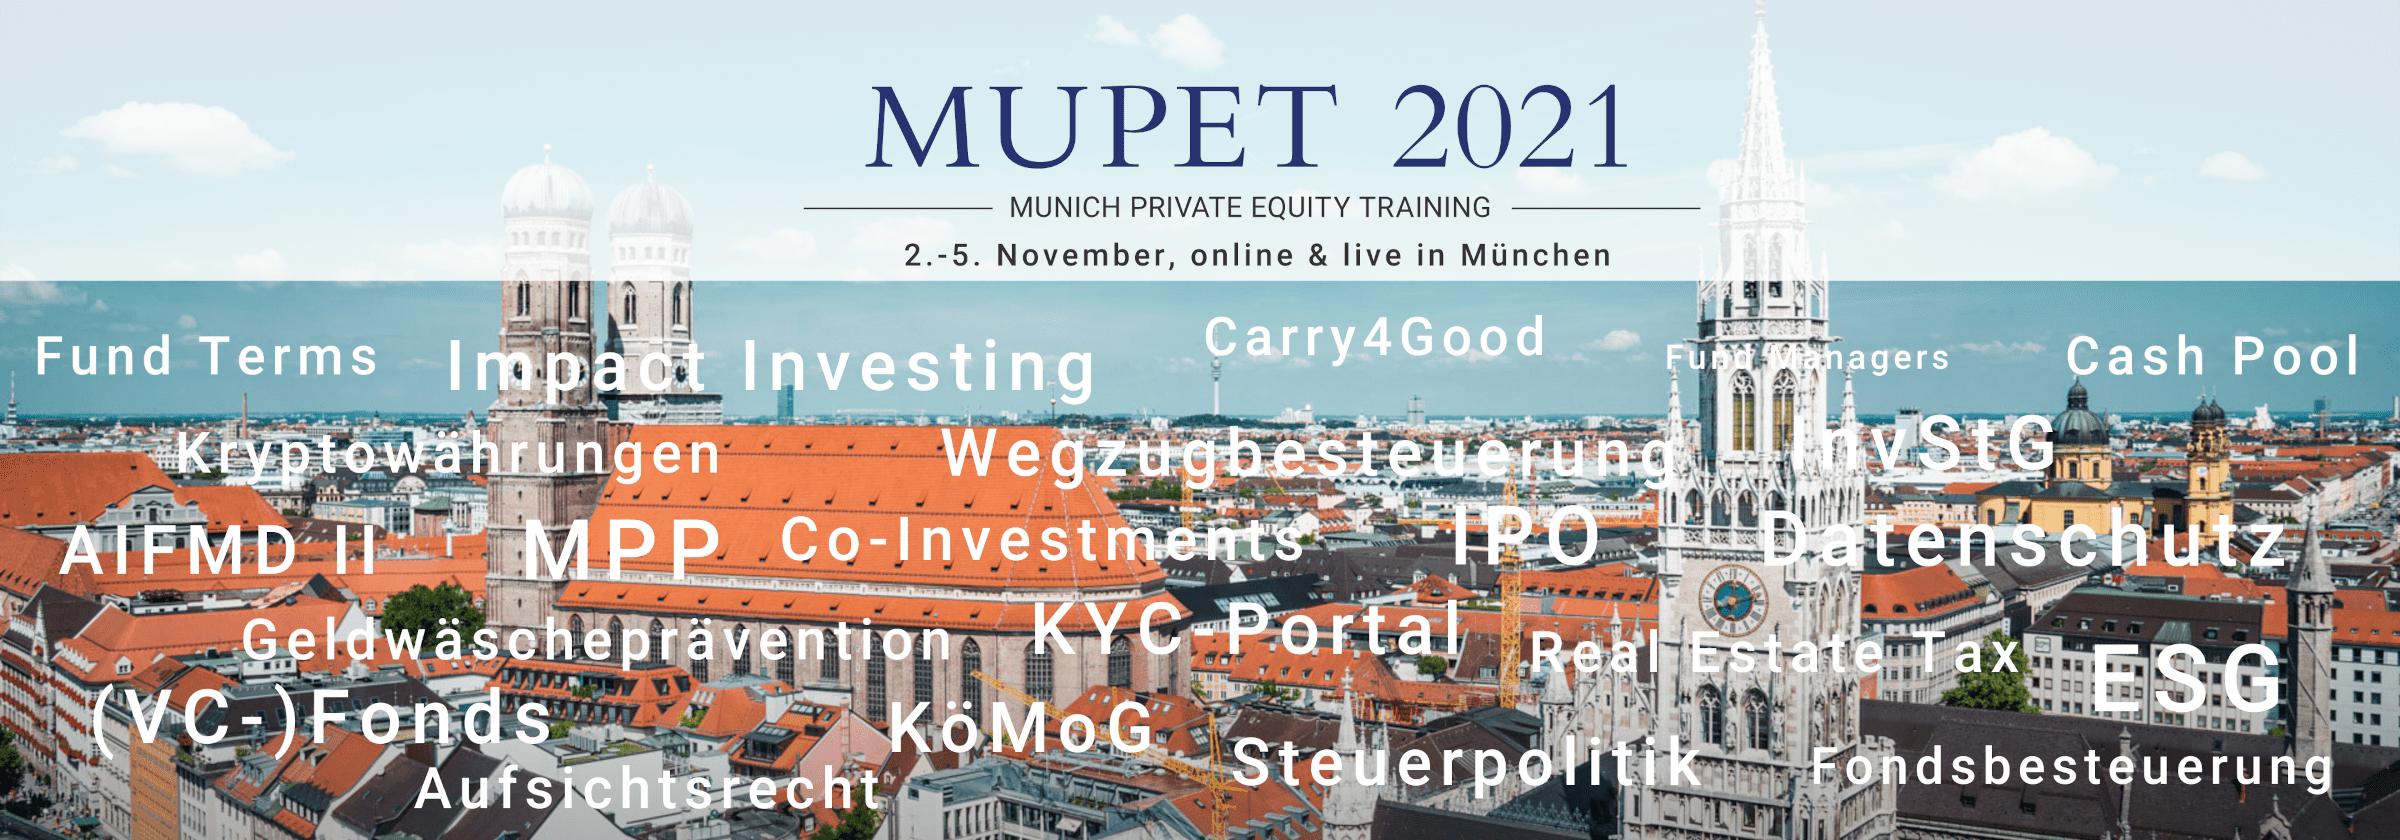 MUPET 2021 – Der marktführende PE-Branchentreff in Deutschland geht in die nächste Runde.